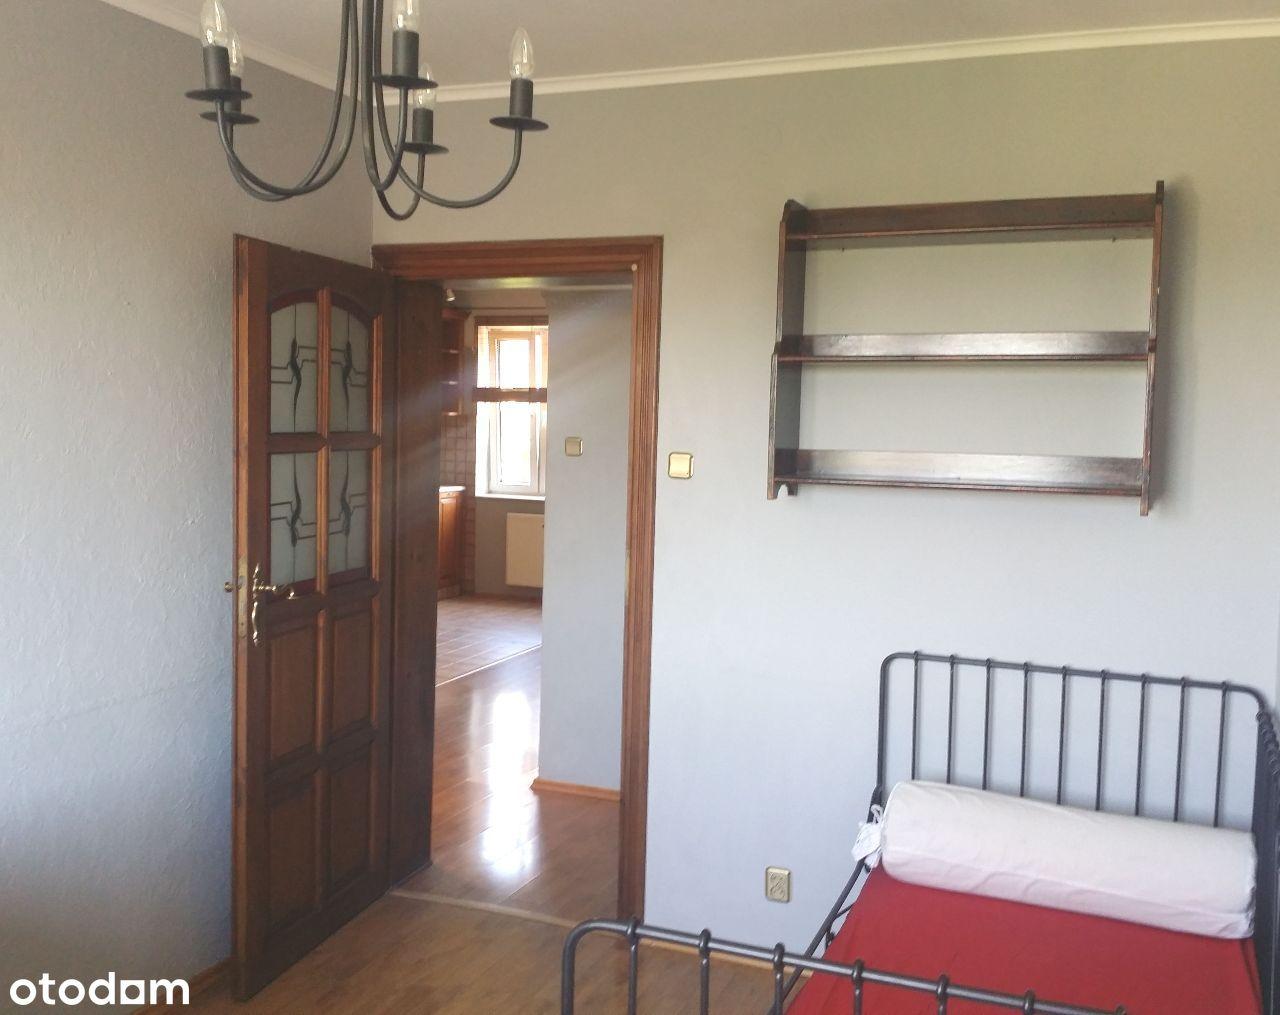 Mieszkanie 4-pokojowe na Chełmie na wynajem